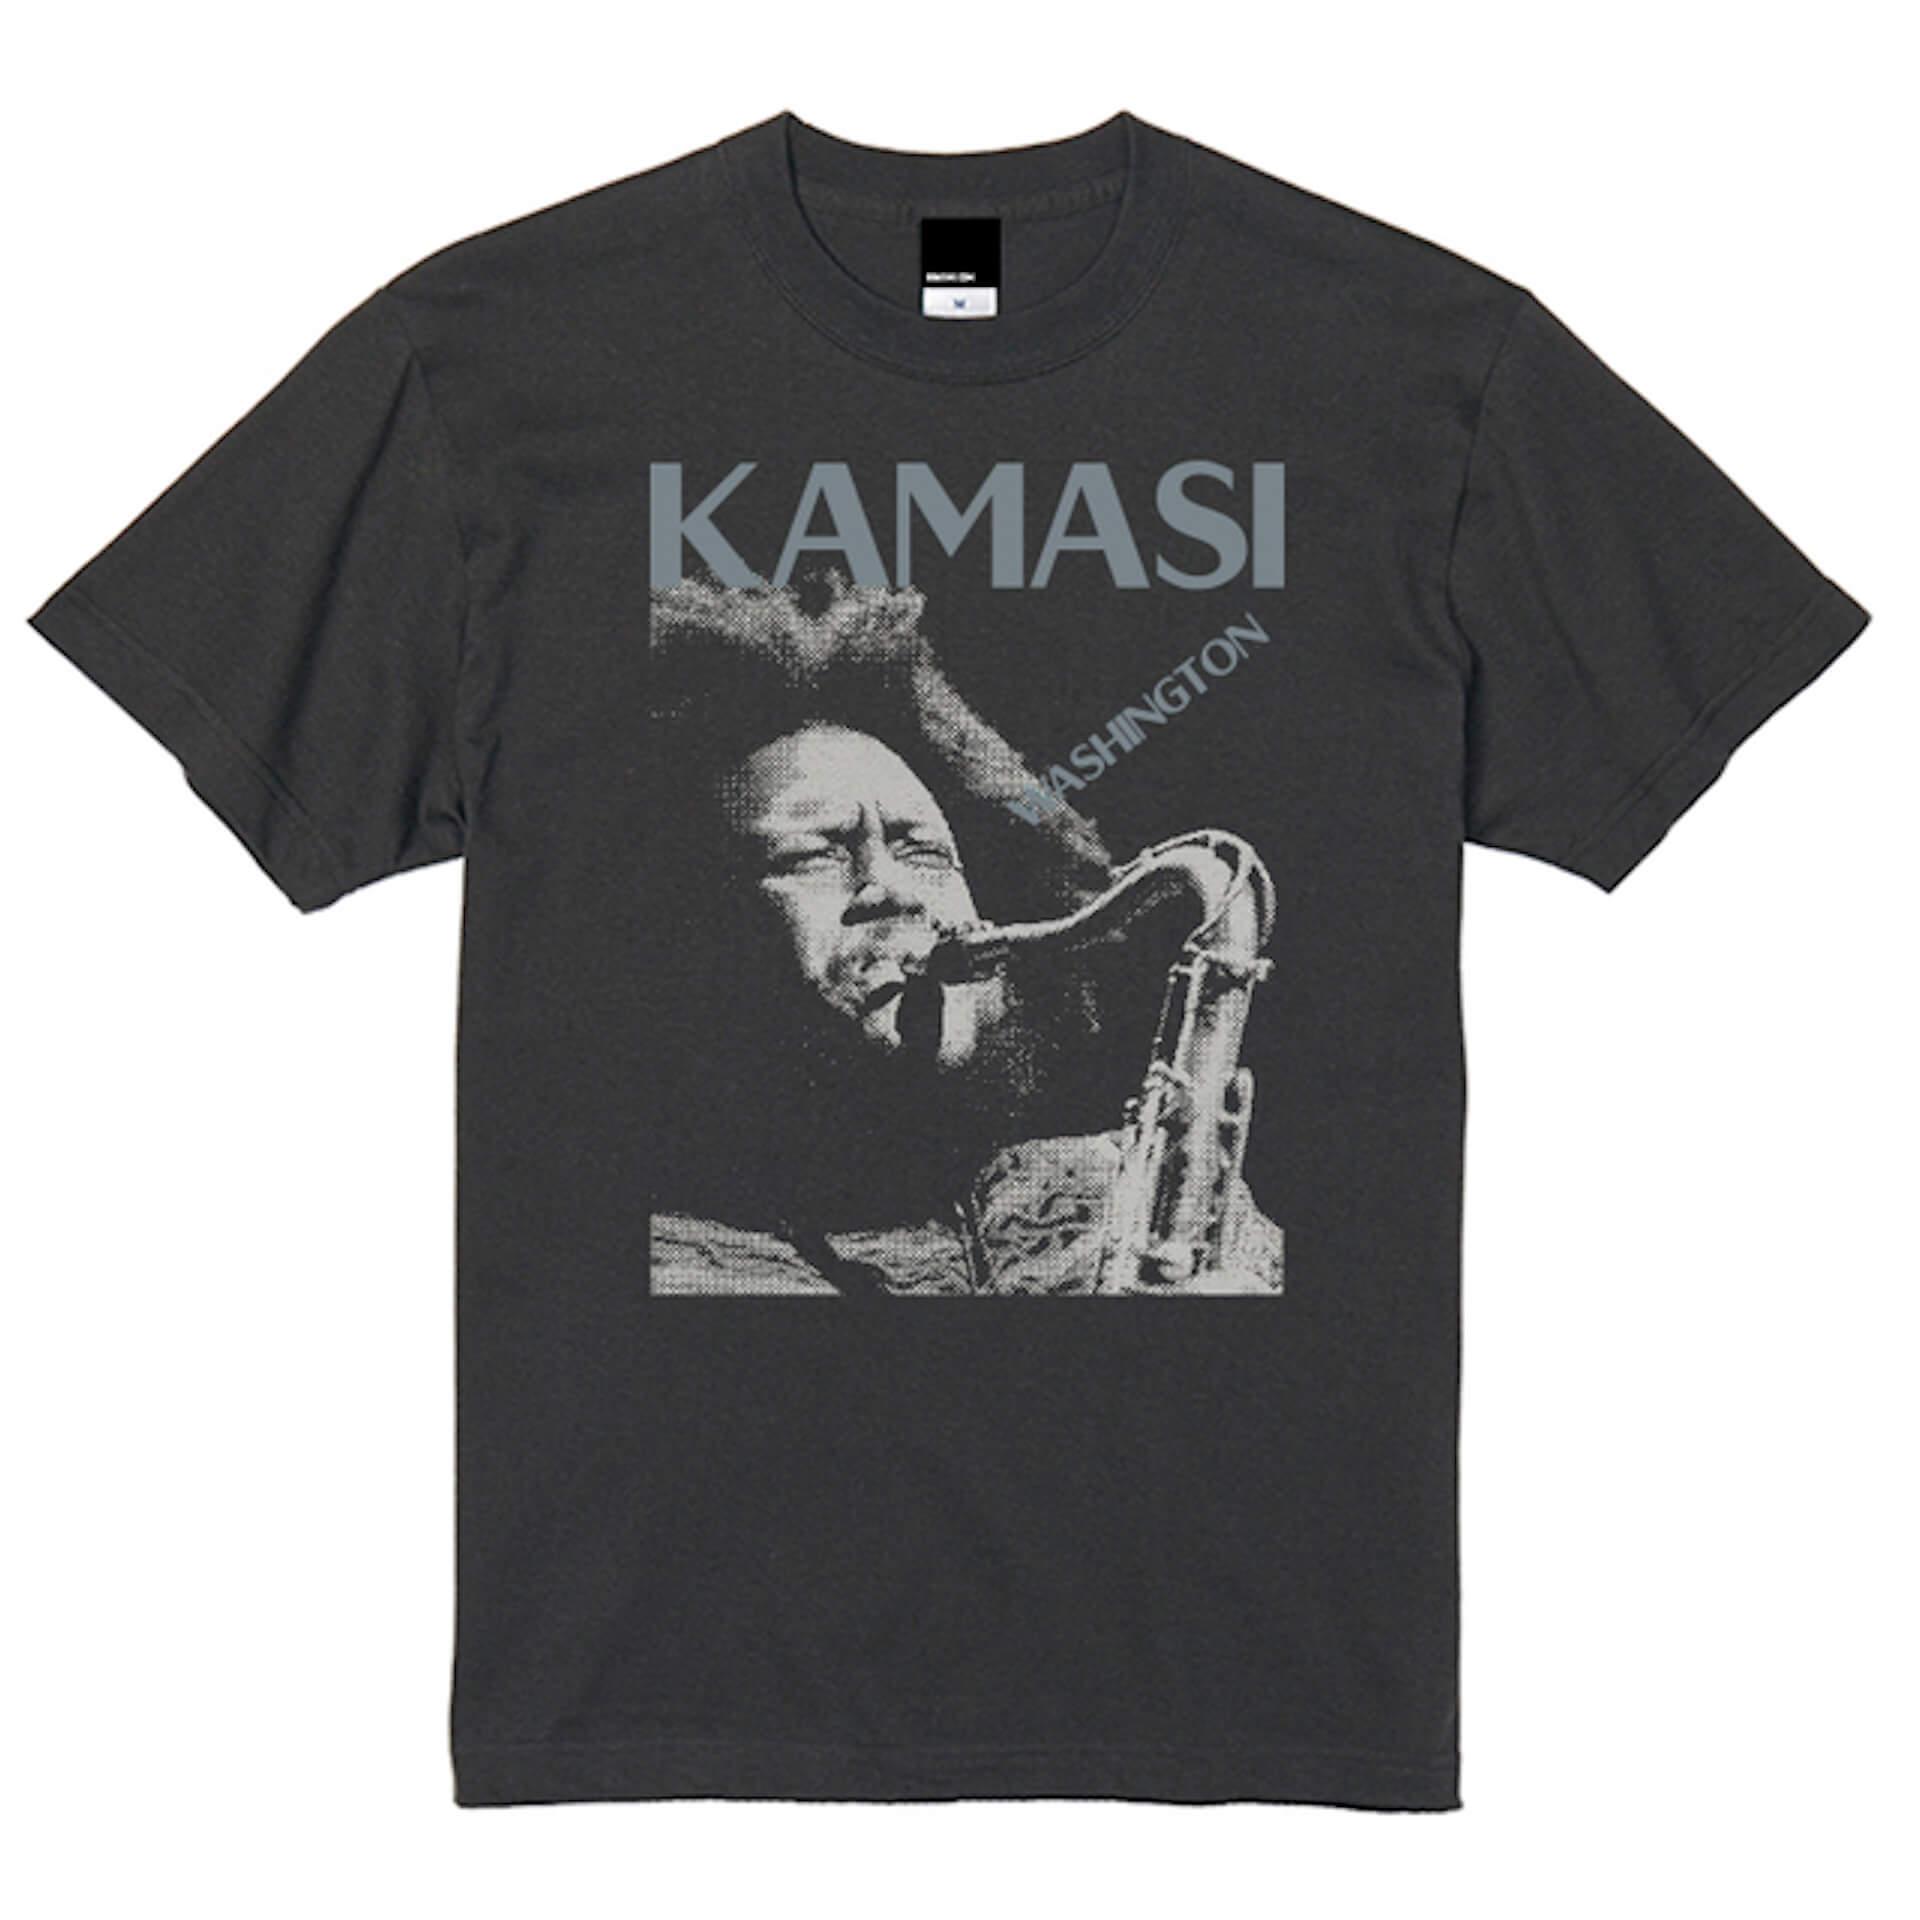 カマシ・ワシントン、いよいよ今週末東京JAZZに登場!|LIQUIDROOM公演ではジャズライターの柳樂光隆がDJ music190827_kamasiwashington_1